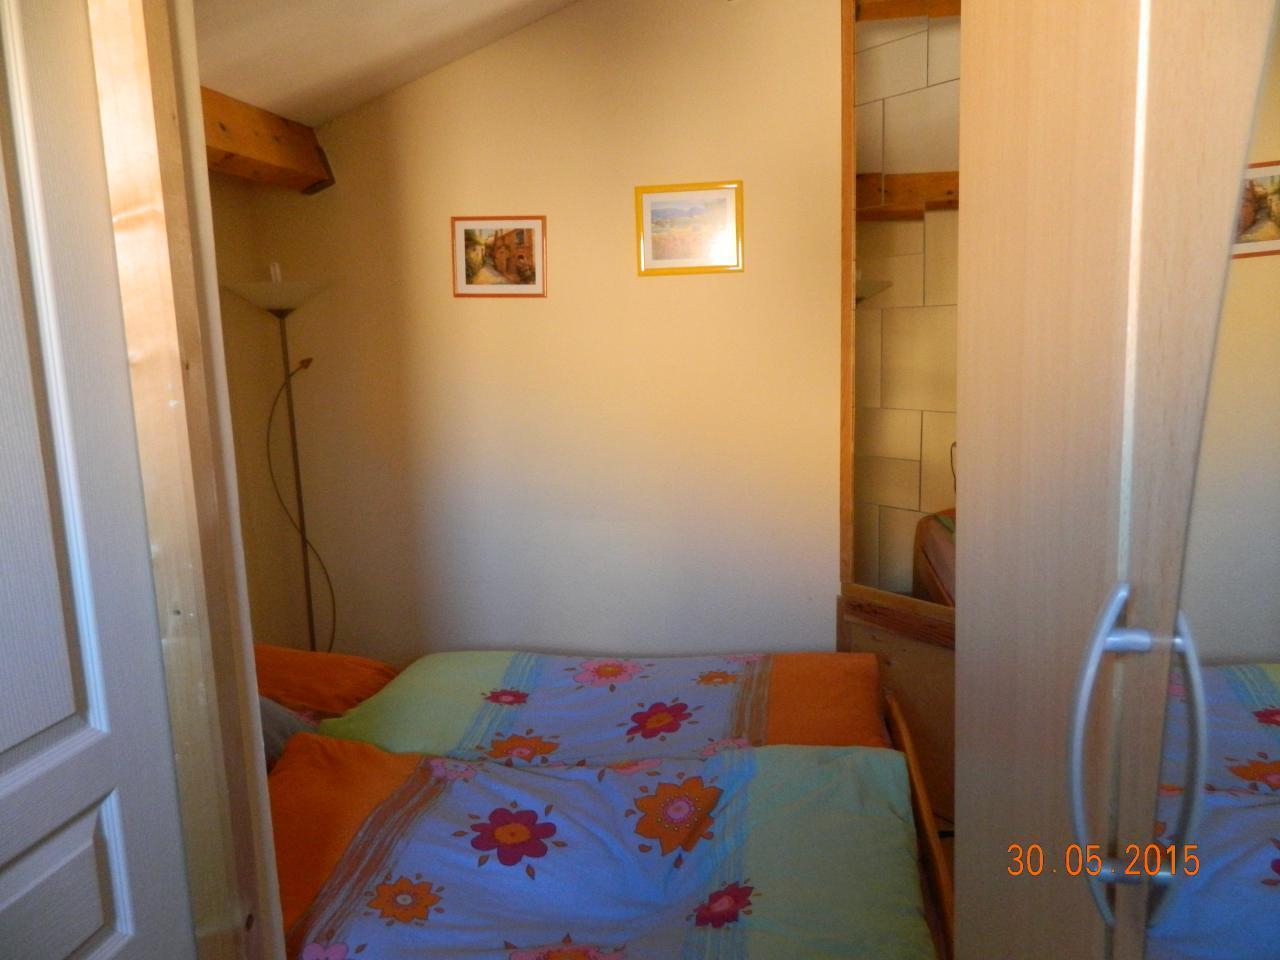 Ferienhaus Heinke (427434), Gruissan, Mittelmeerküste Aude, Languedoc-Roussillon, Frankreich, Bild 5